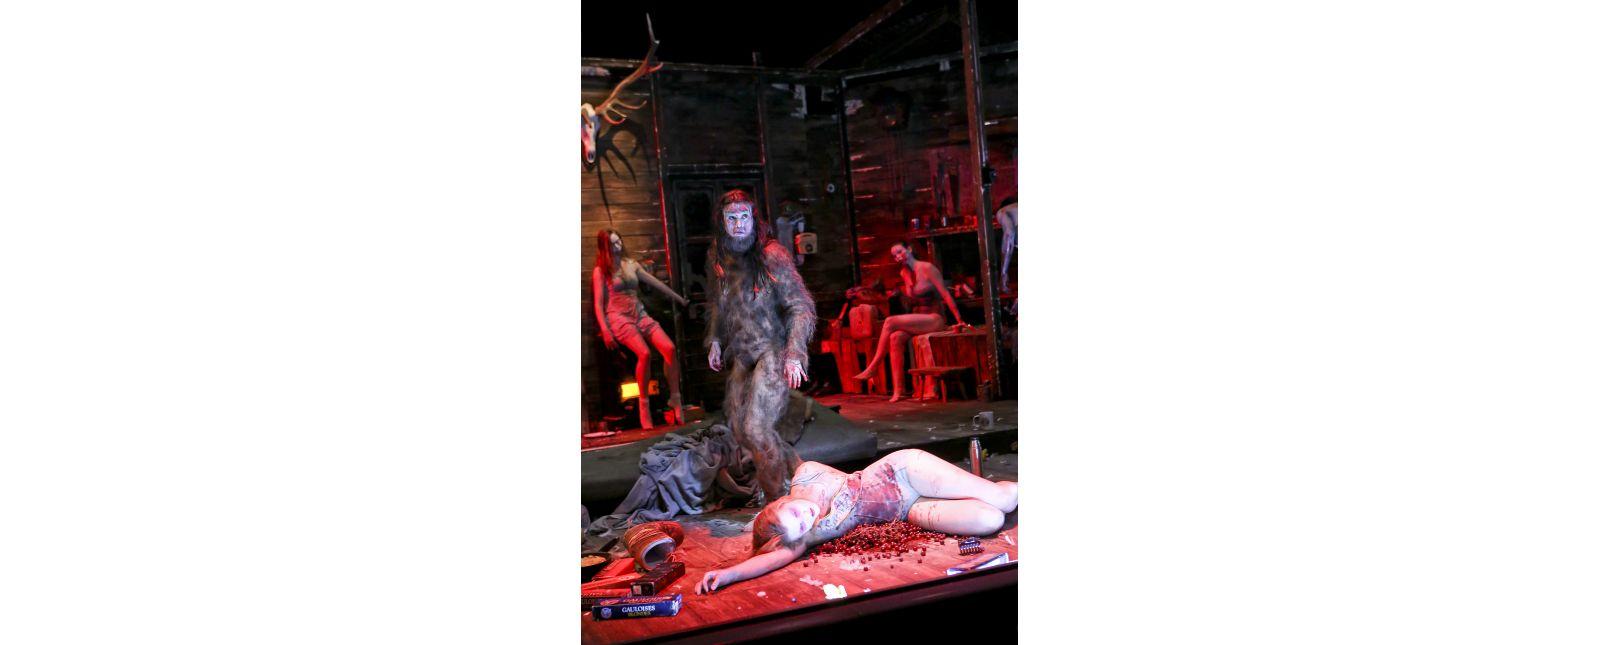 The Black Forest Chainsaw Opera // Kirsten Pieters, Tine Van den Wyngaert, Janna Horstmann, Inga Schäfer // Birgit Hupfeld // 2018